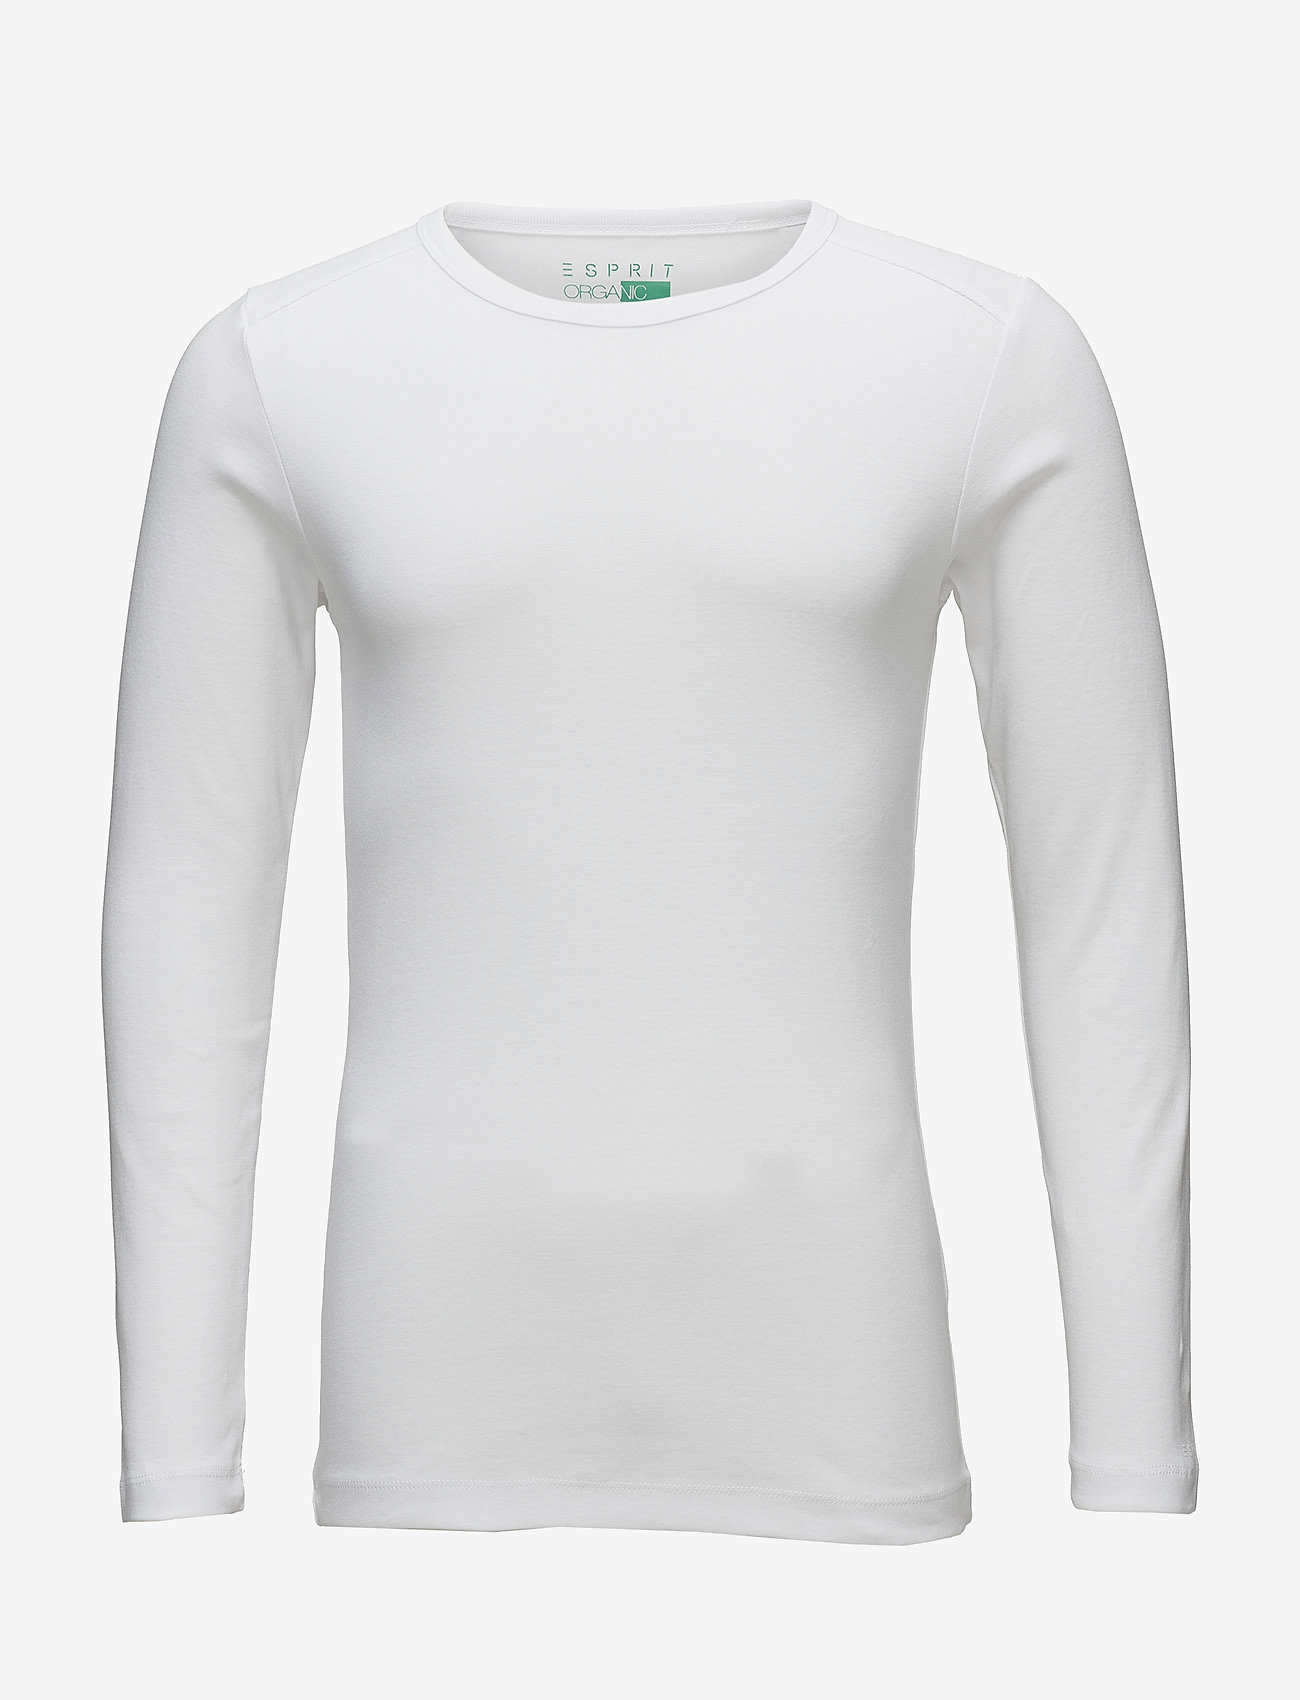 Esprit Casual - T-Shirts - lange mouwen - white - 0